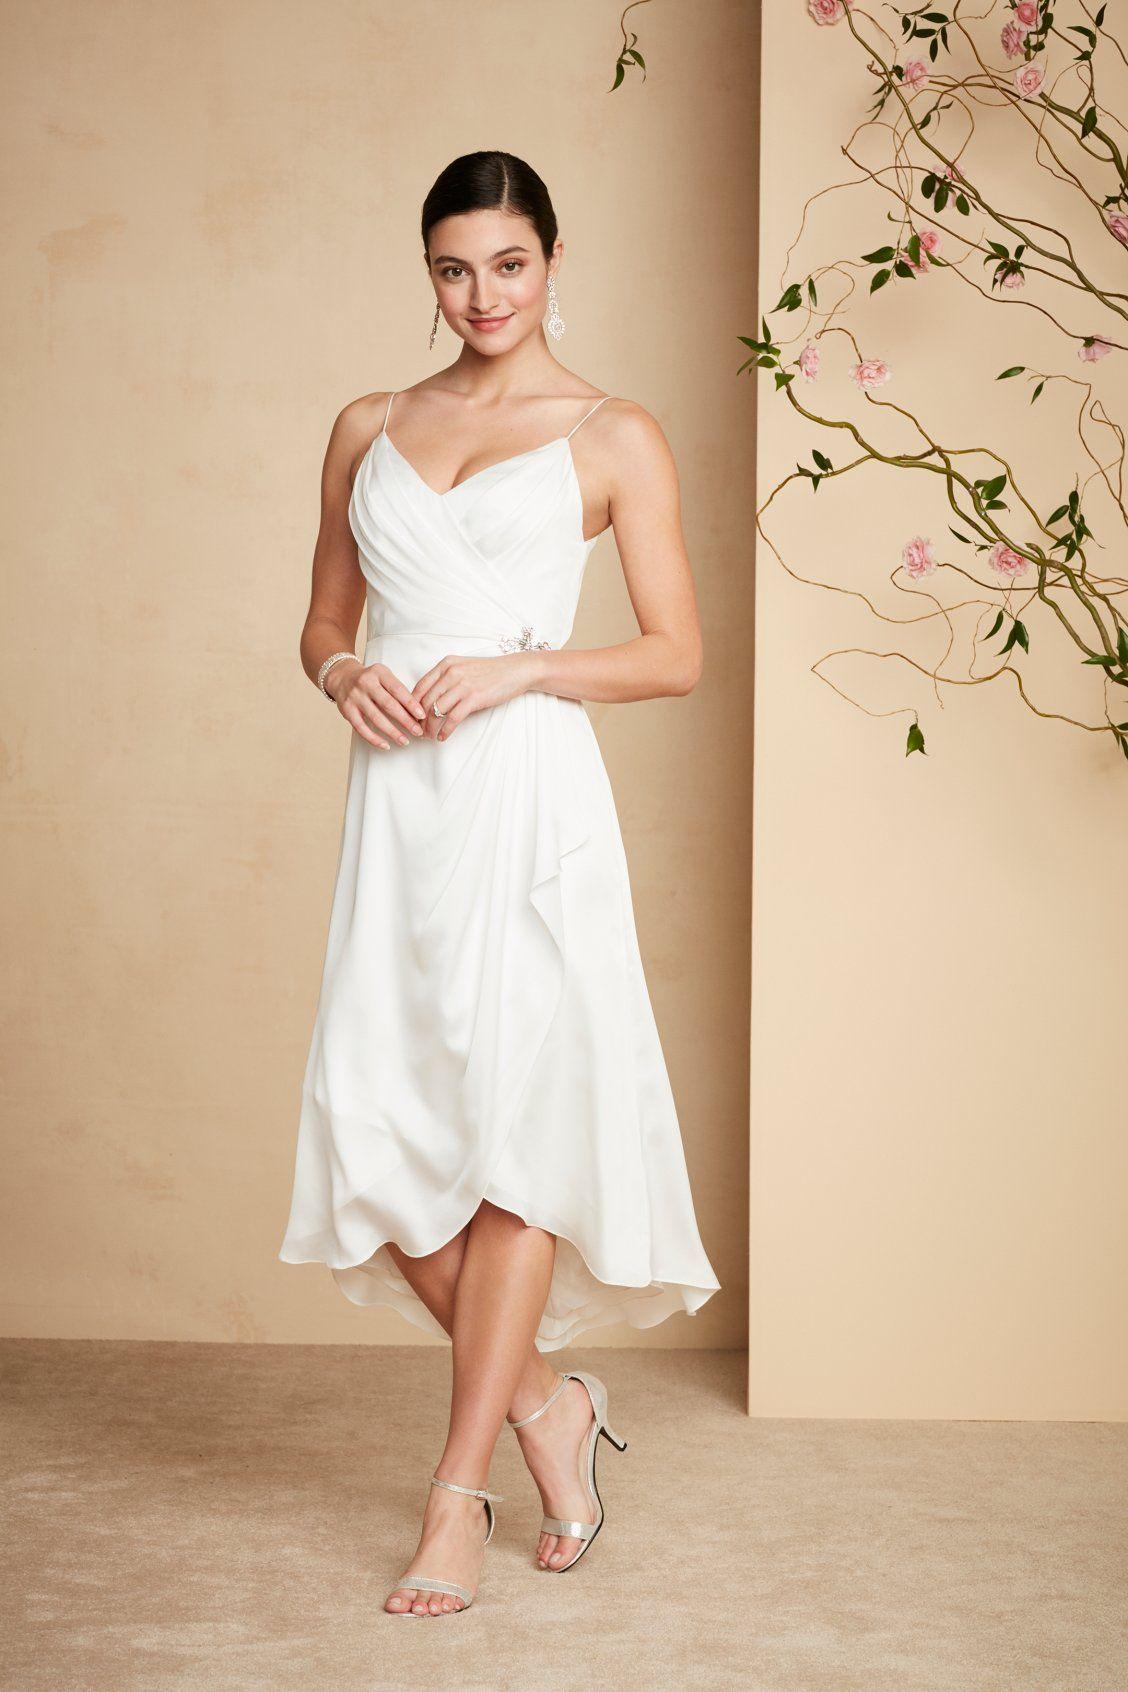 stilvolles Hochzeitskleid puristisch kurz